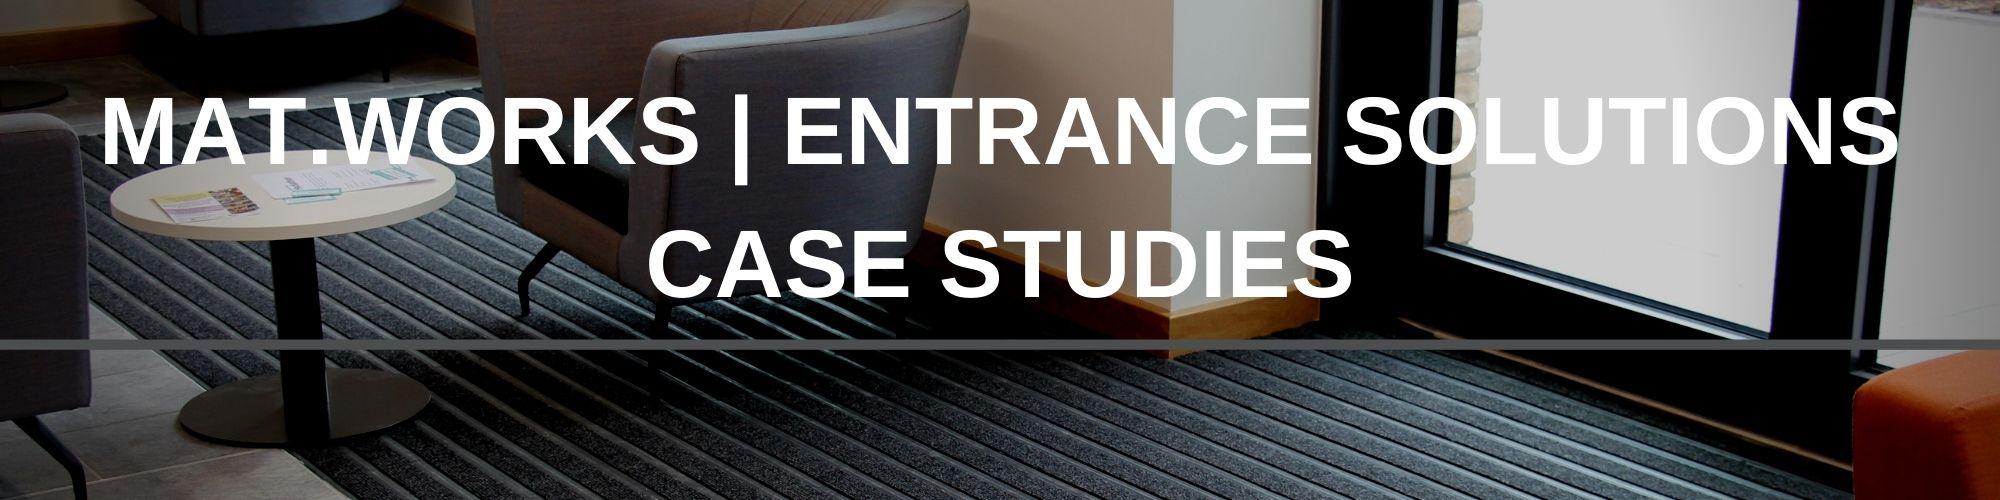 MAT.WORKS ENTRANCE SOLUTIONS CASE STUDIES | Paragon Carpet Tiles | Commercial Carpet Tiles